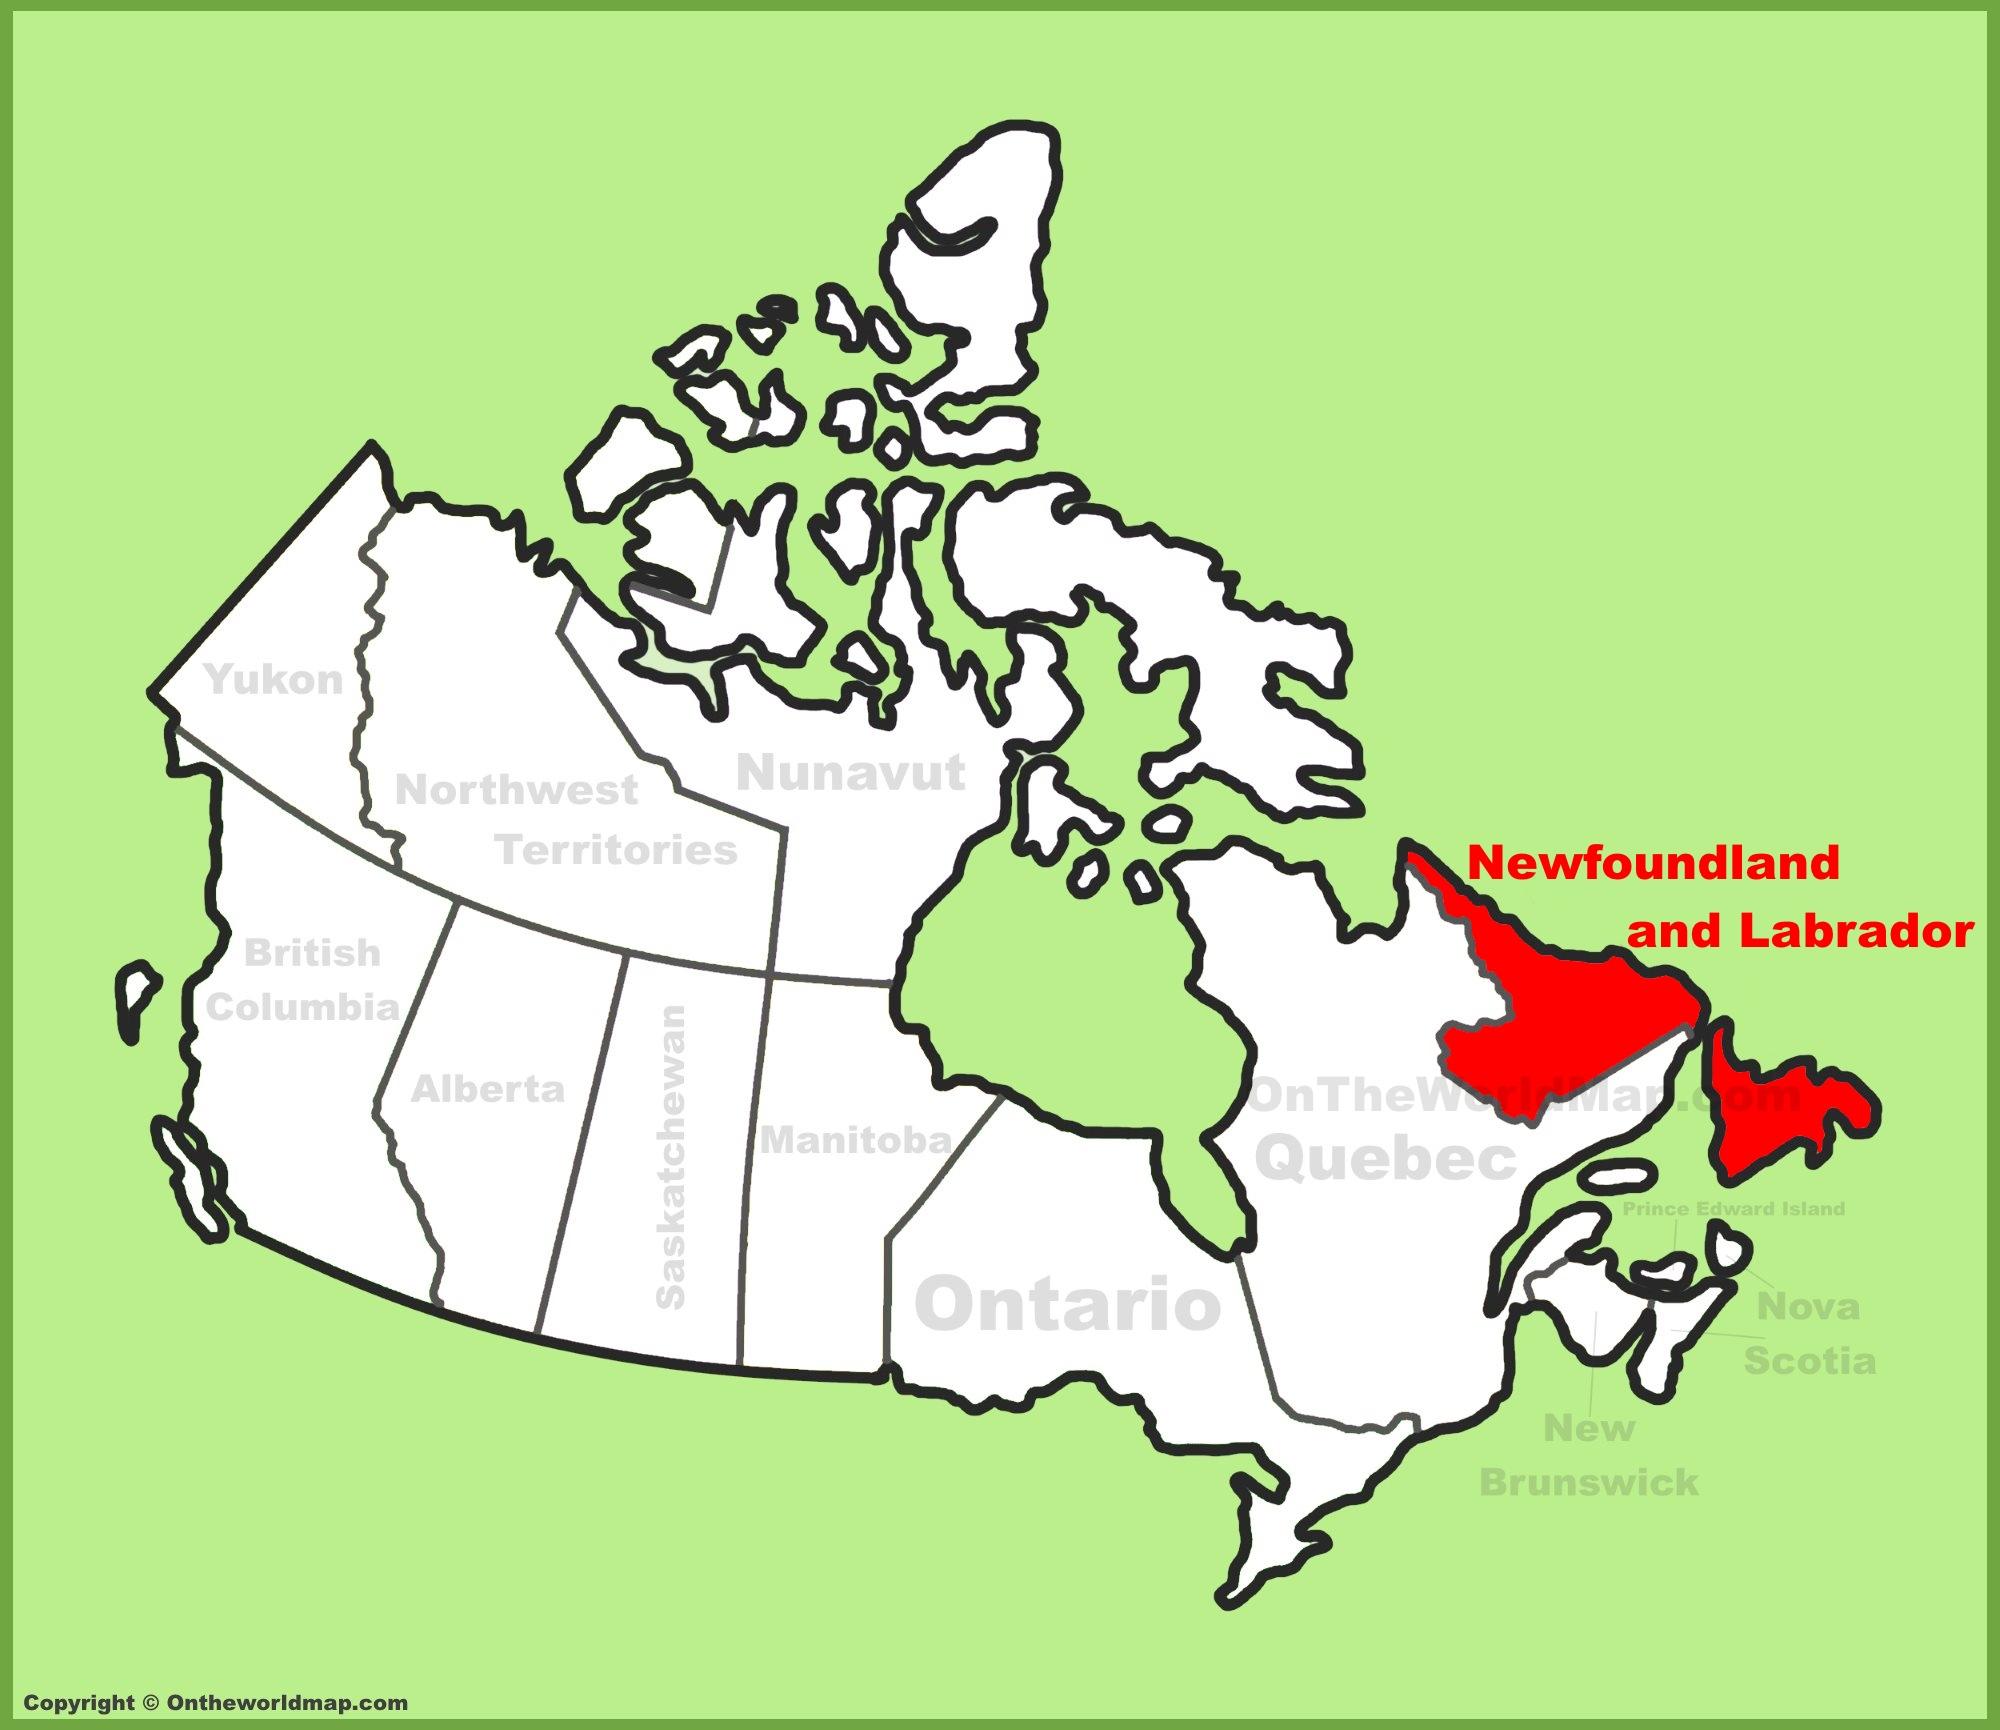 Nl Canada Map Newfoundland and Labrador Province Maps | Canada | Maps of